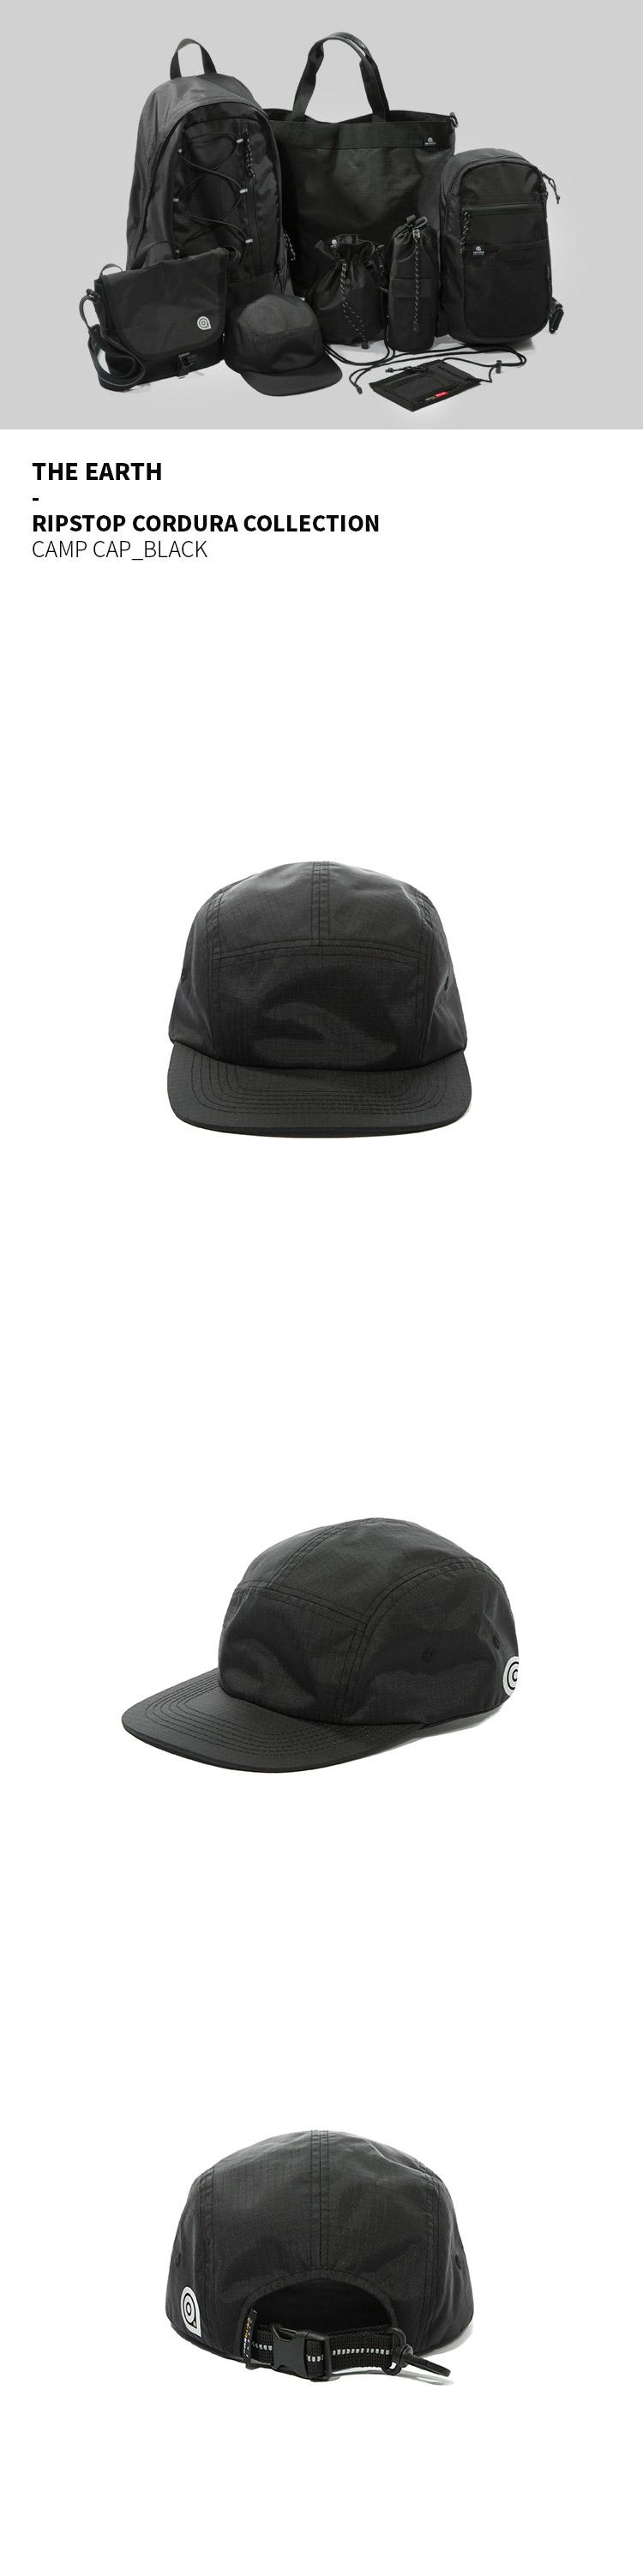 디얼스(THE EARTH) RIPSTOP CORDURA CAMP CAP - BLACK